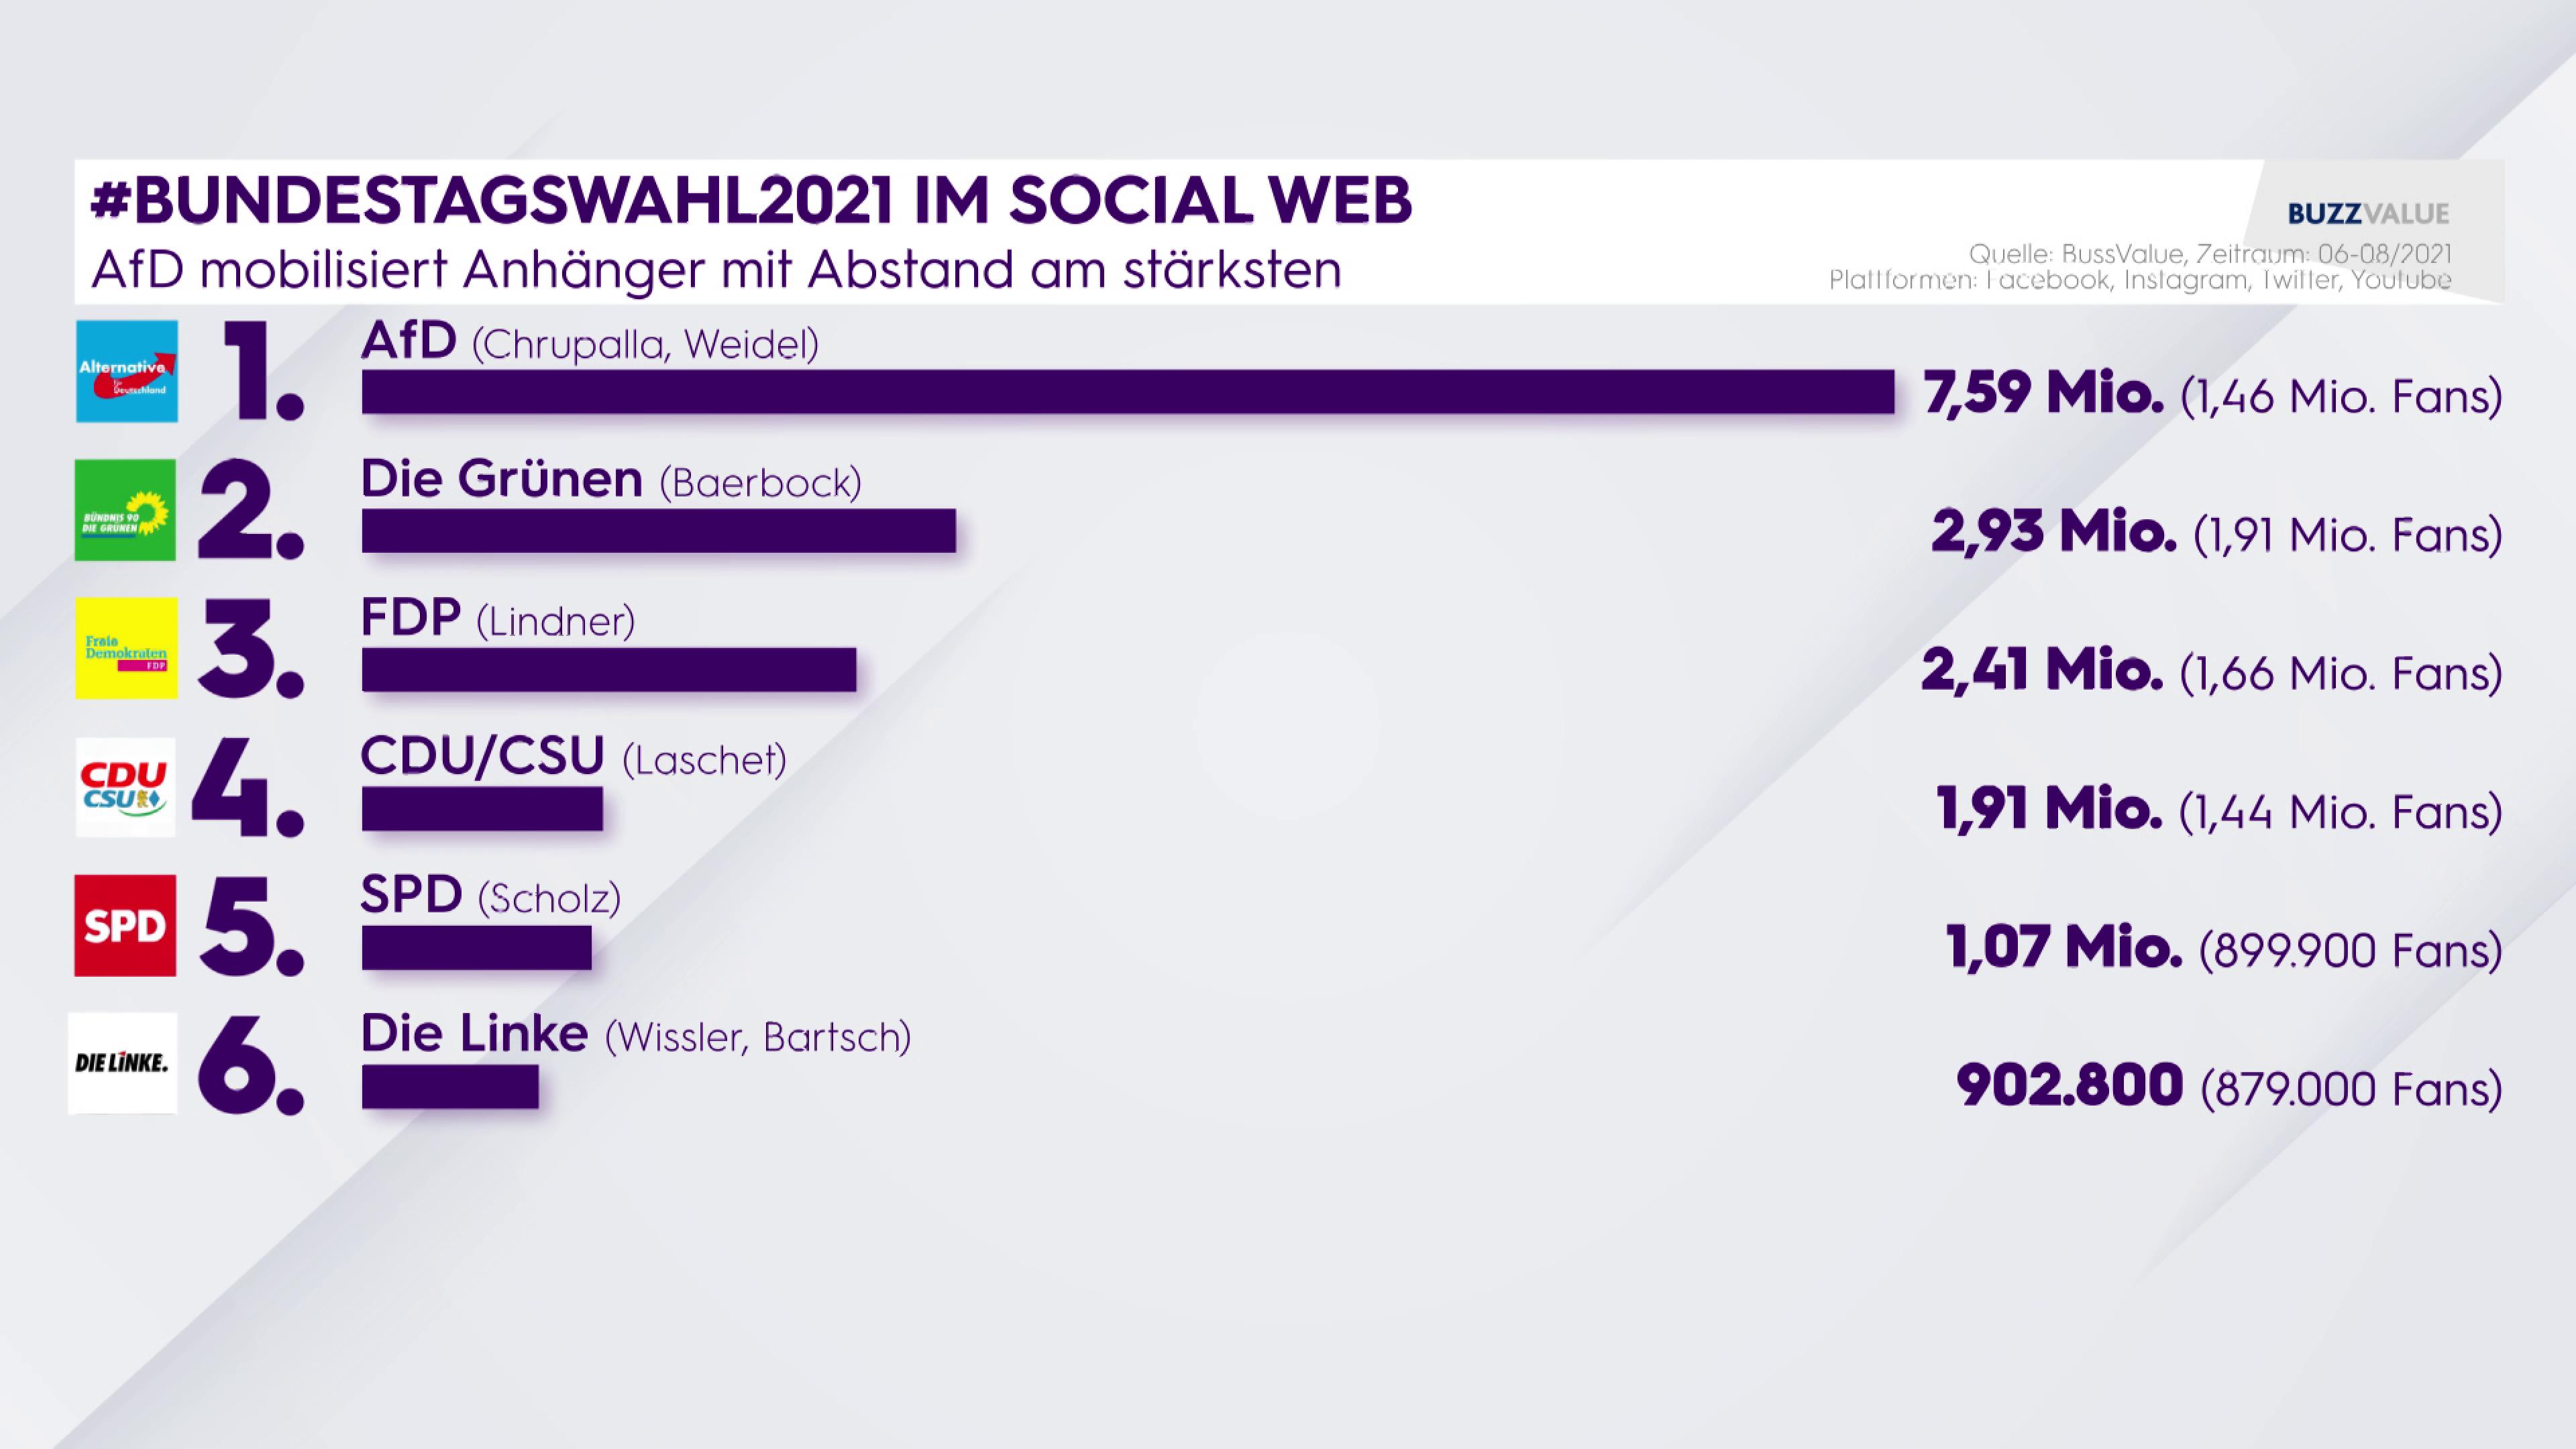 Bundestagswahl 2021 Deutschland im Social Web